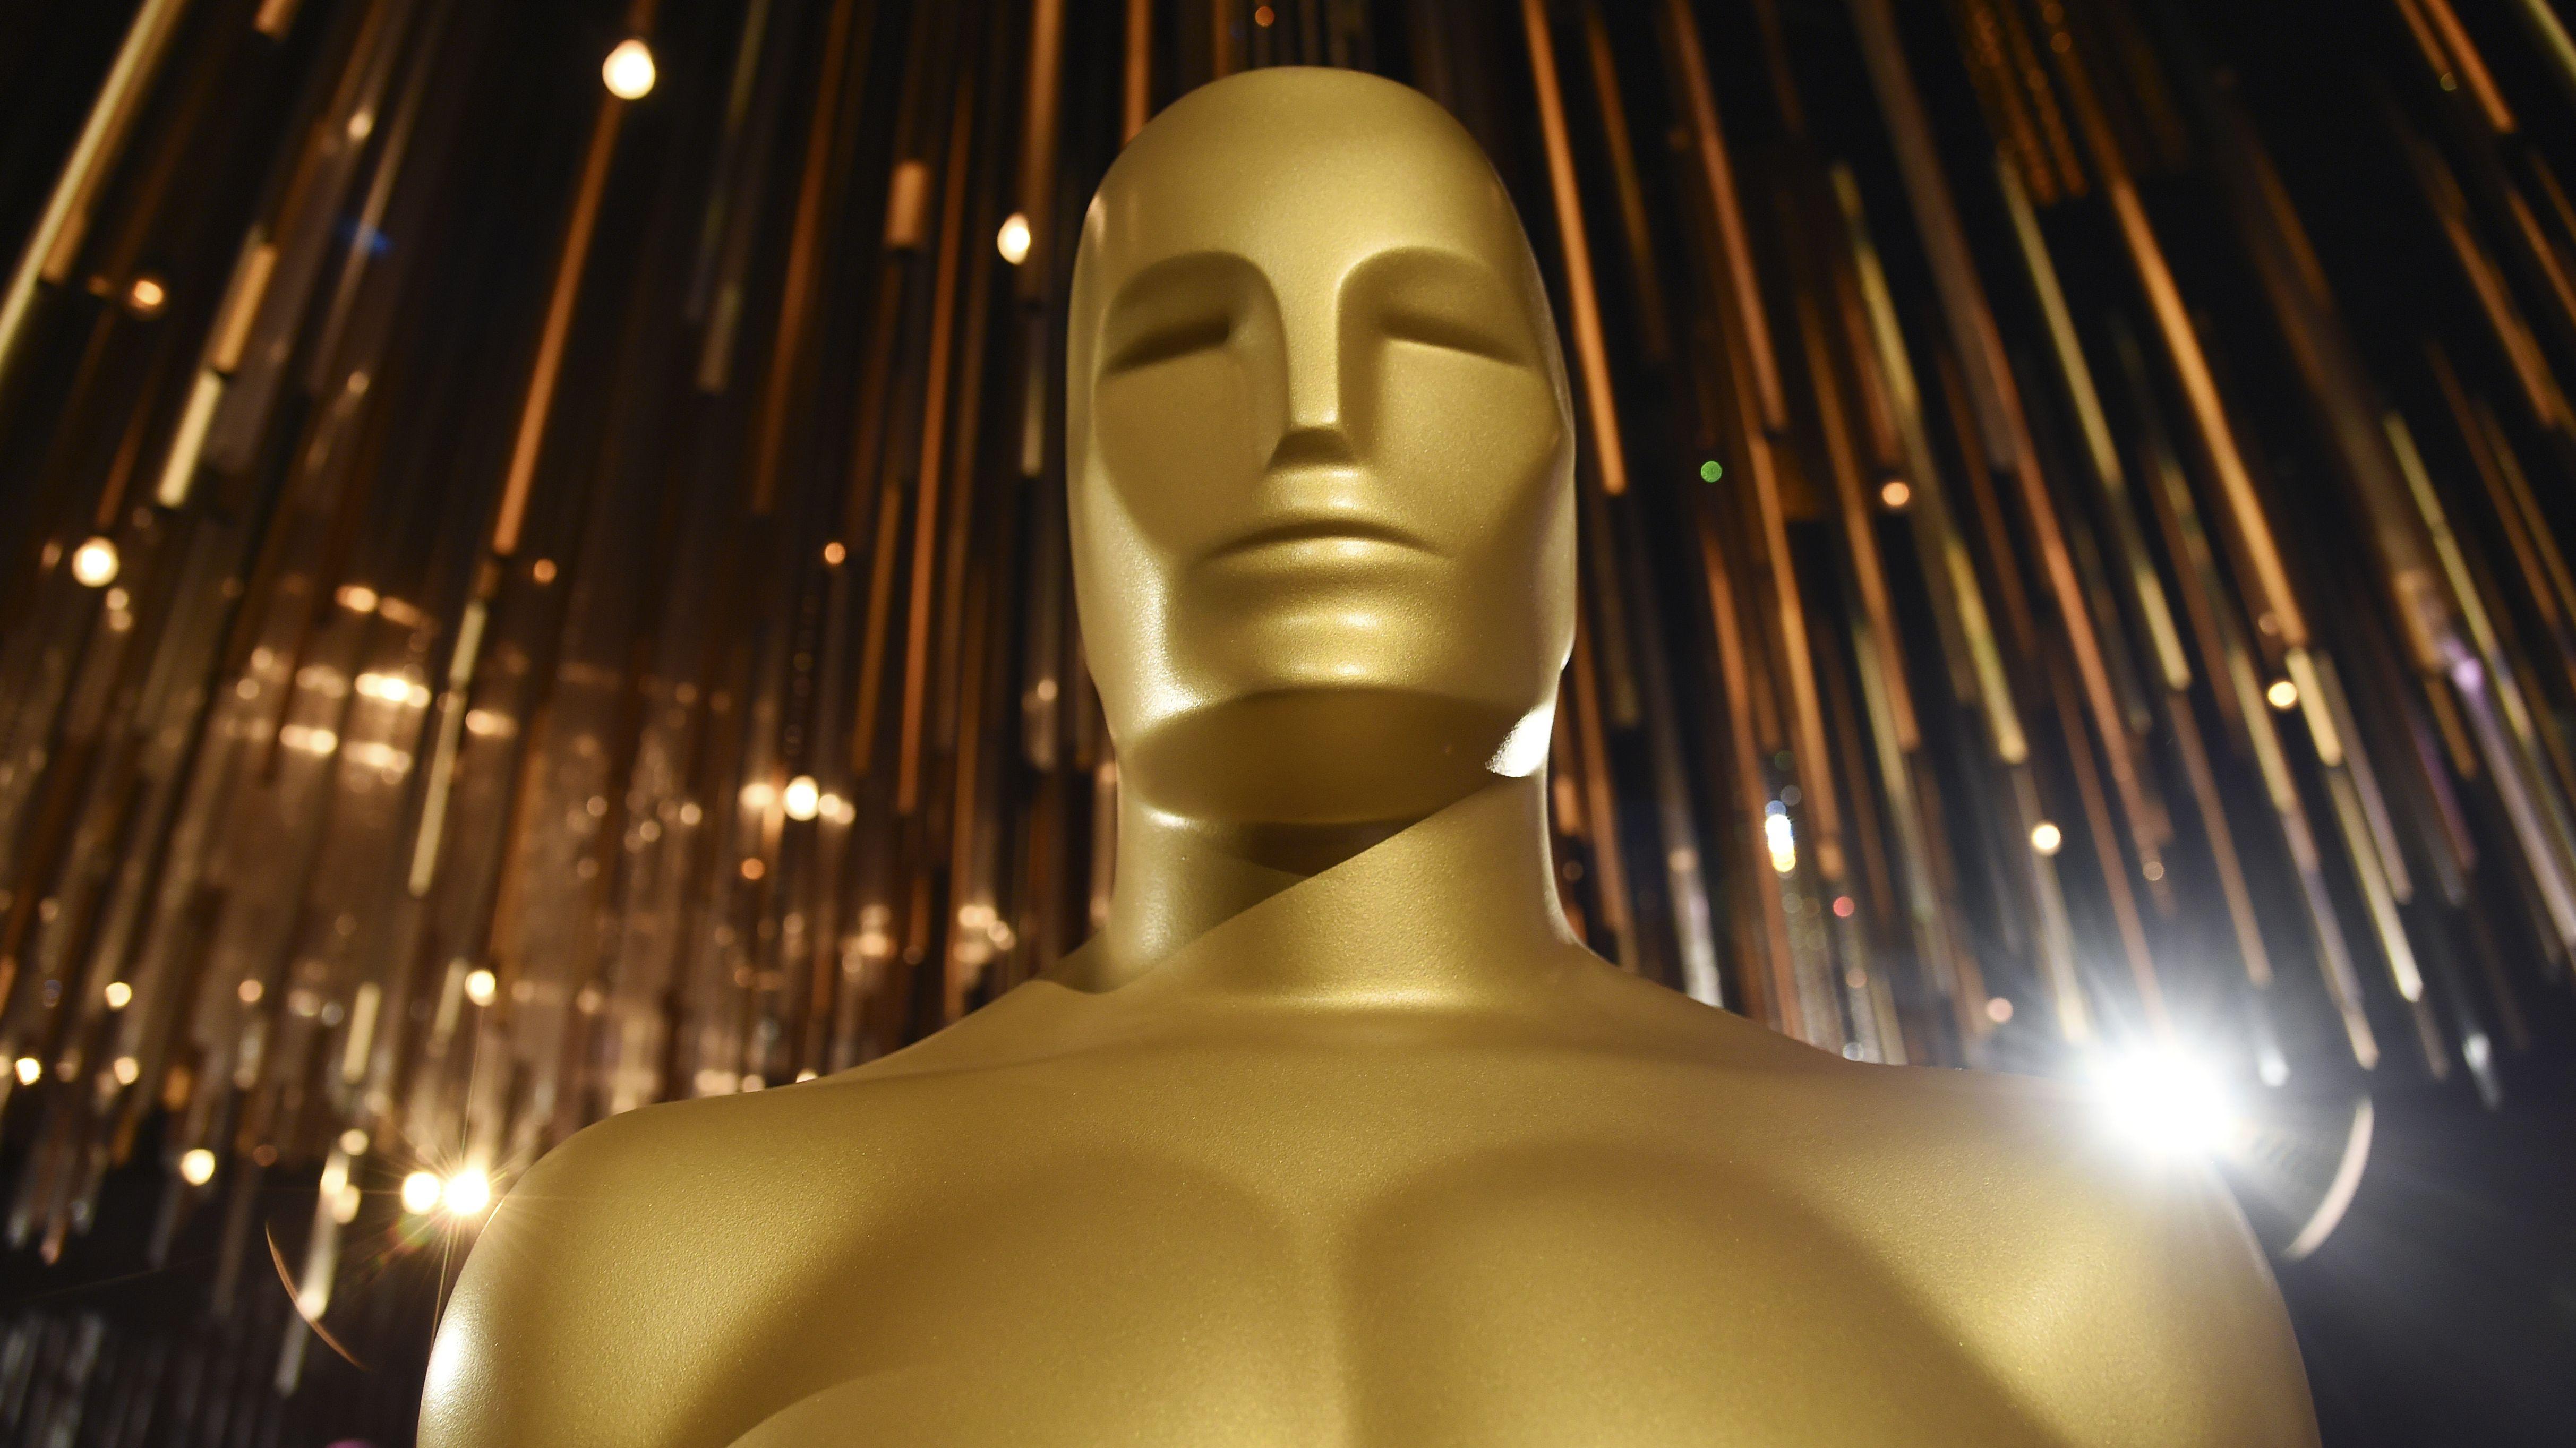 Goldene Oscar-Statue vor dem Hintergrund festlicher Beleuchtung